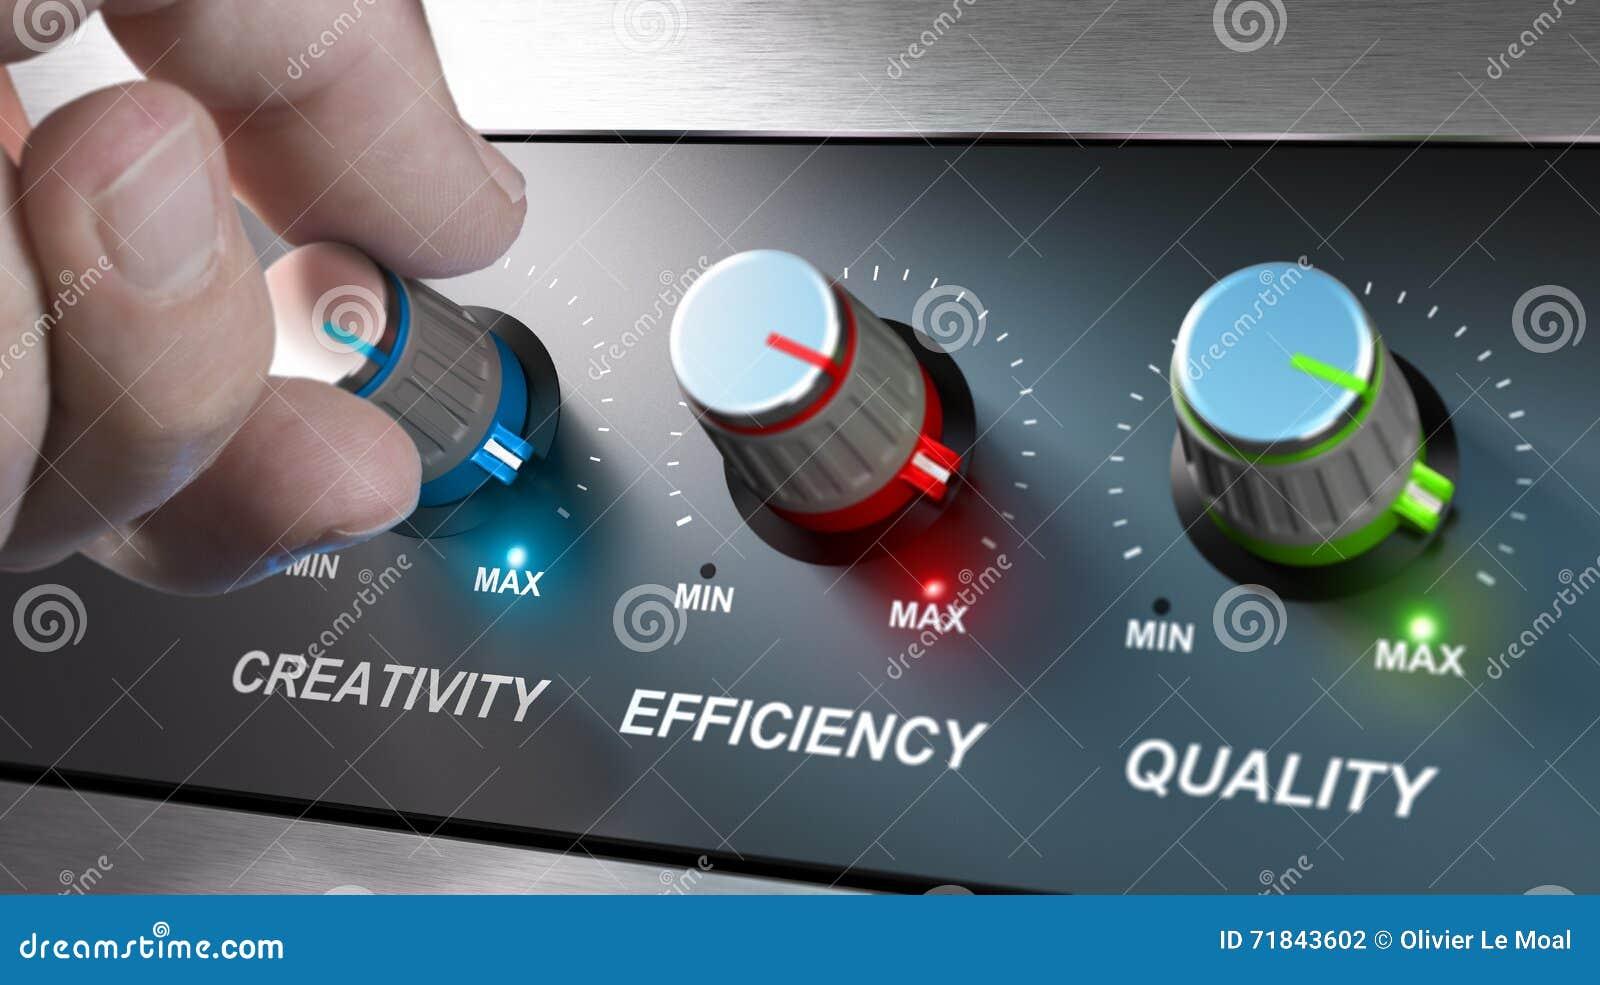 Bedrijfwaarden, Creativiteit, Efficiency en Kwaliteit